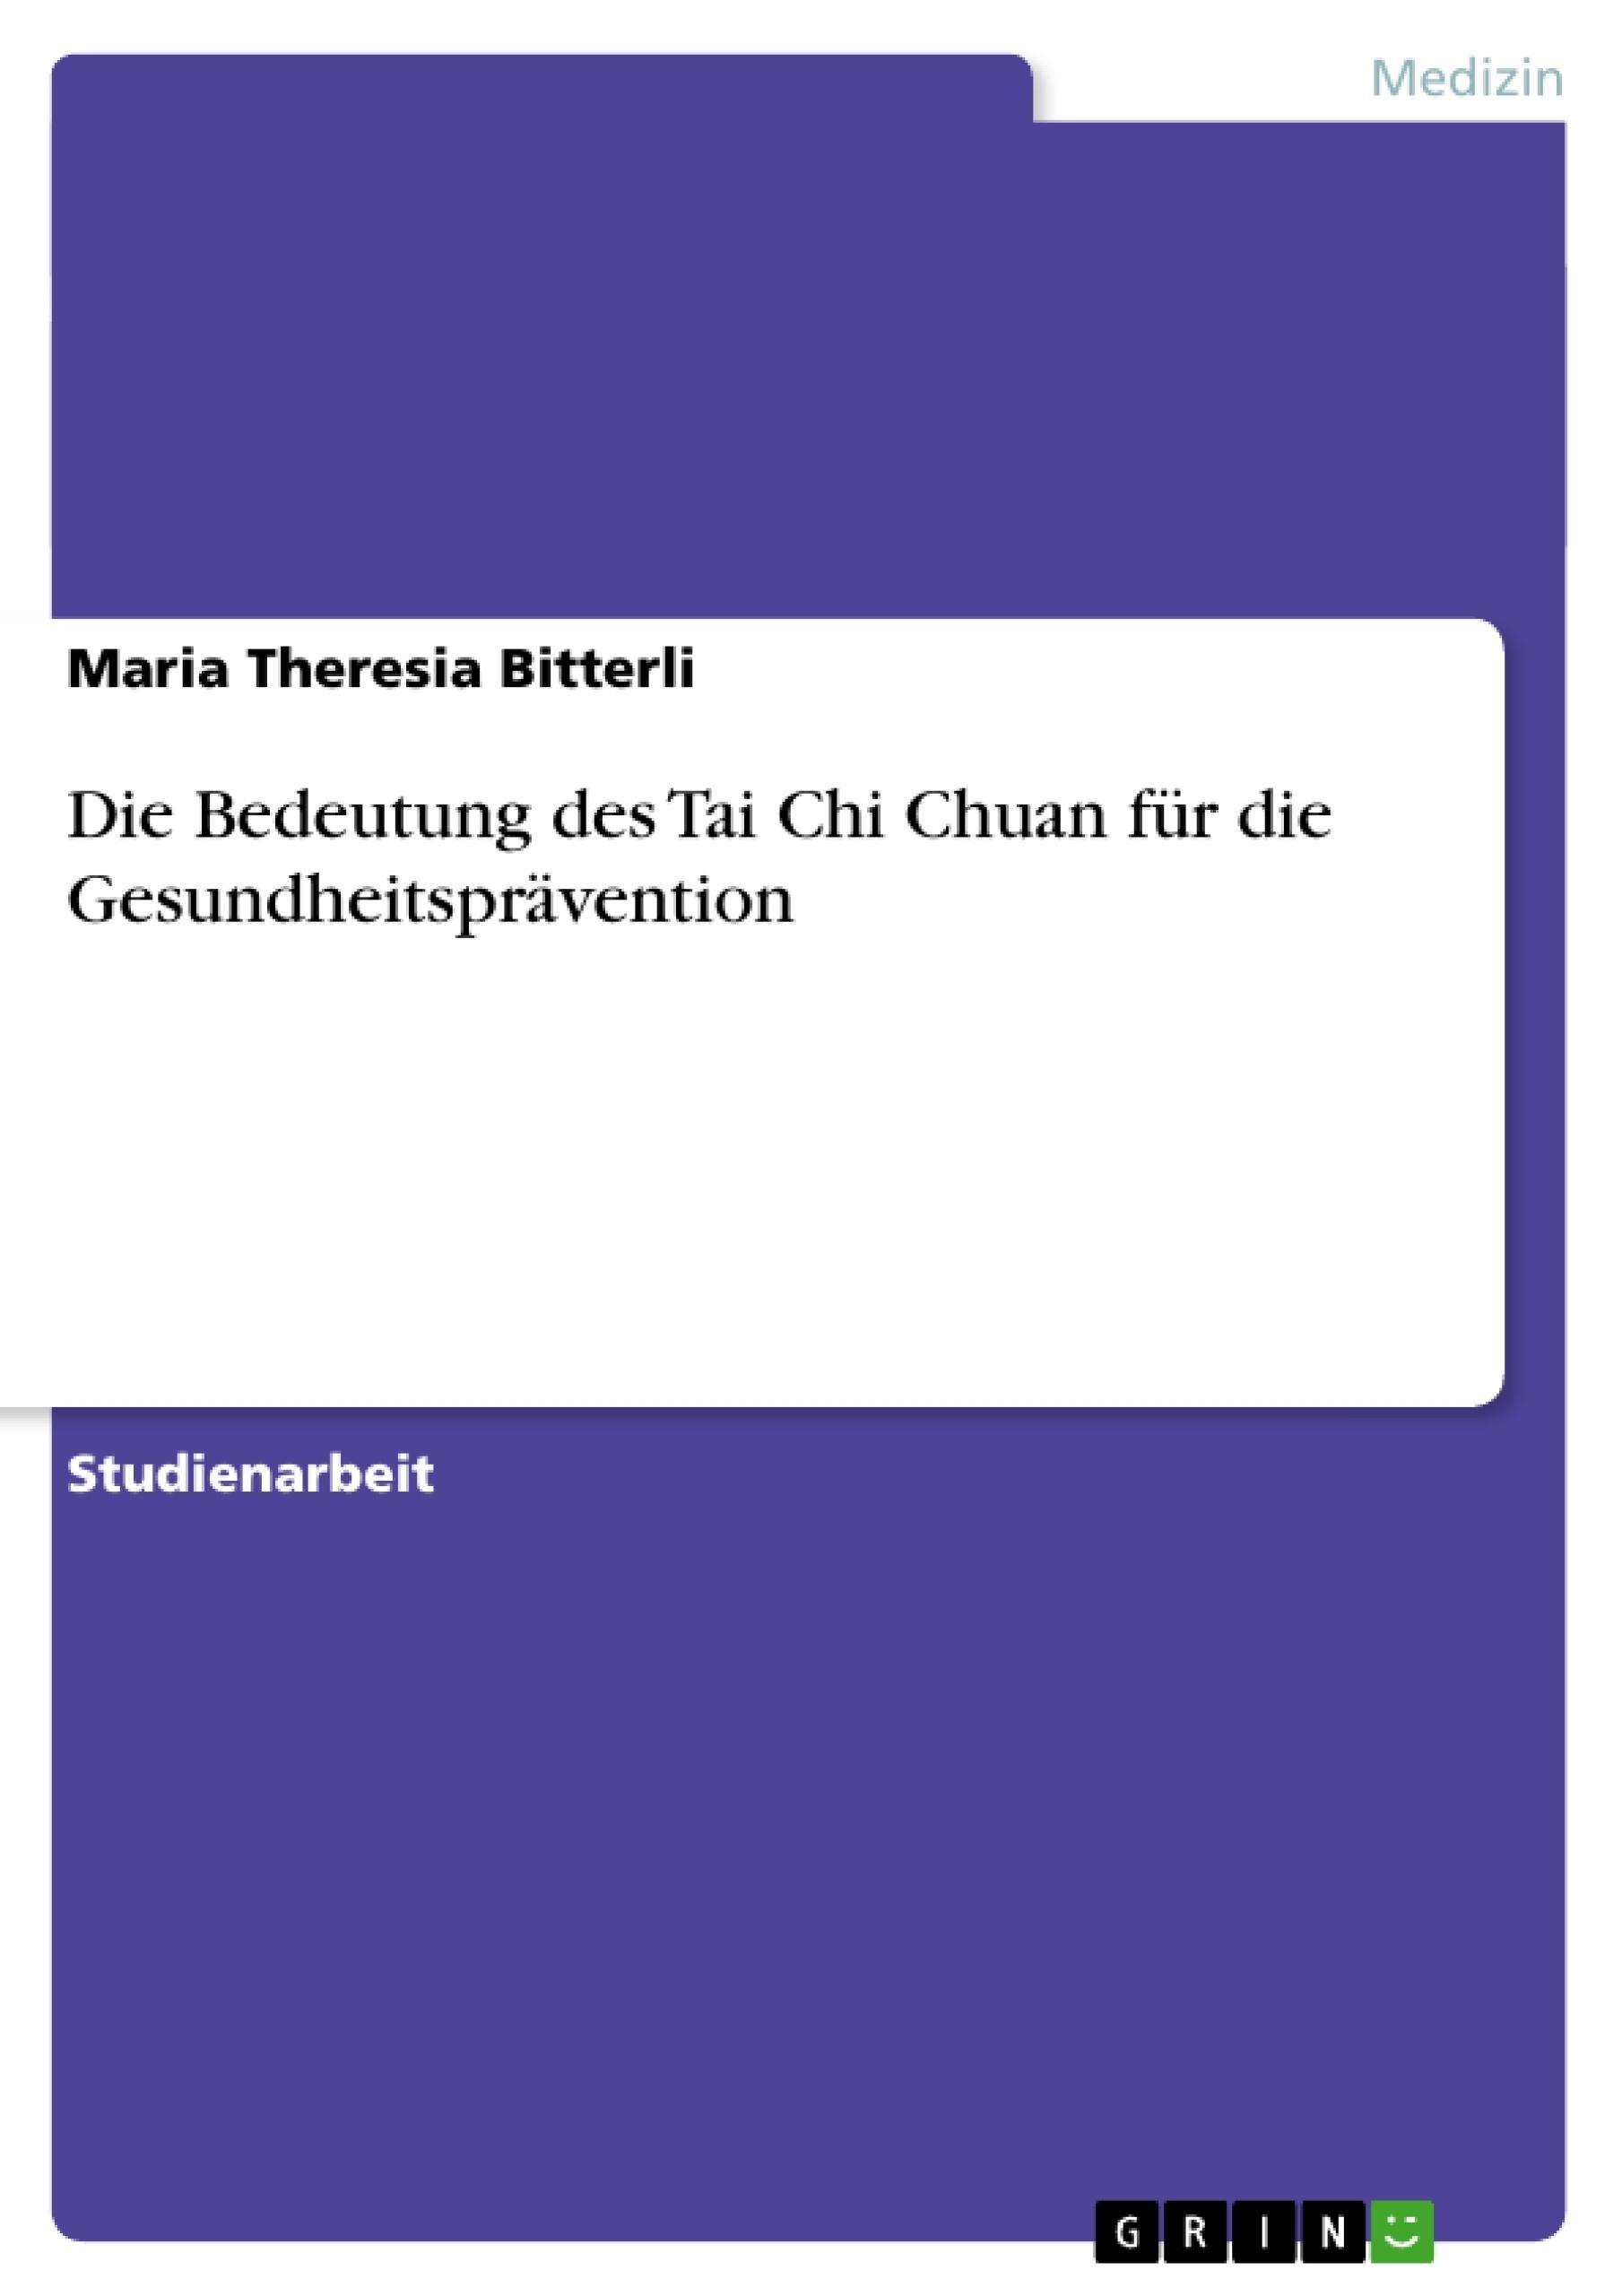 Titel: Die Bedeutung des Tai Chi Chuan für die Gesundheitsprävention